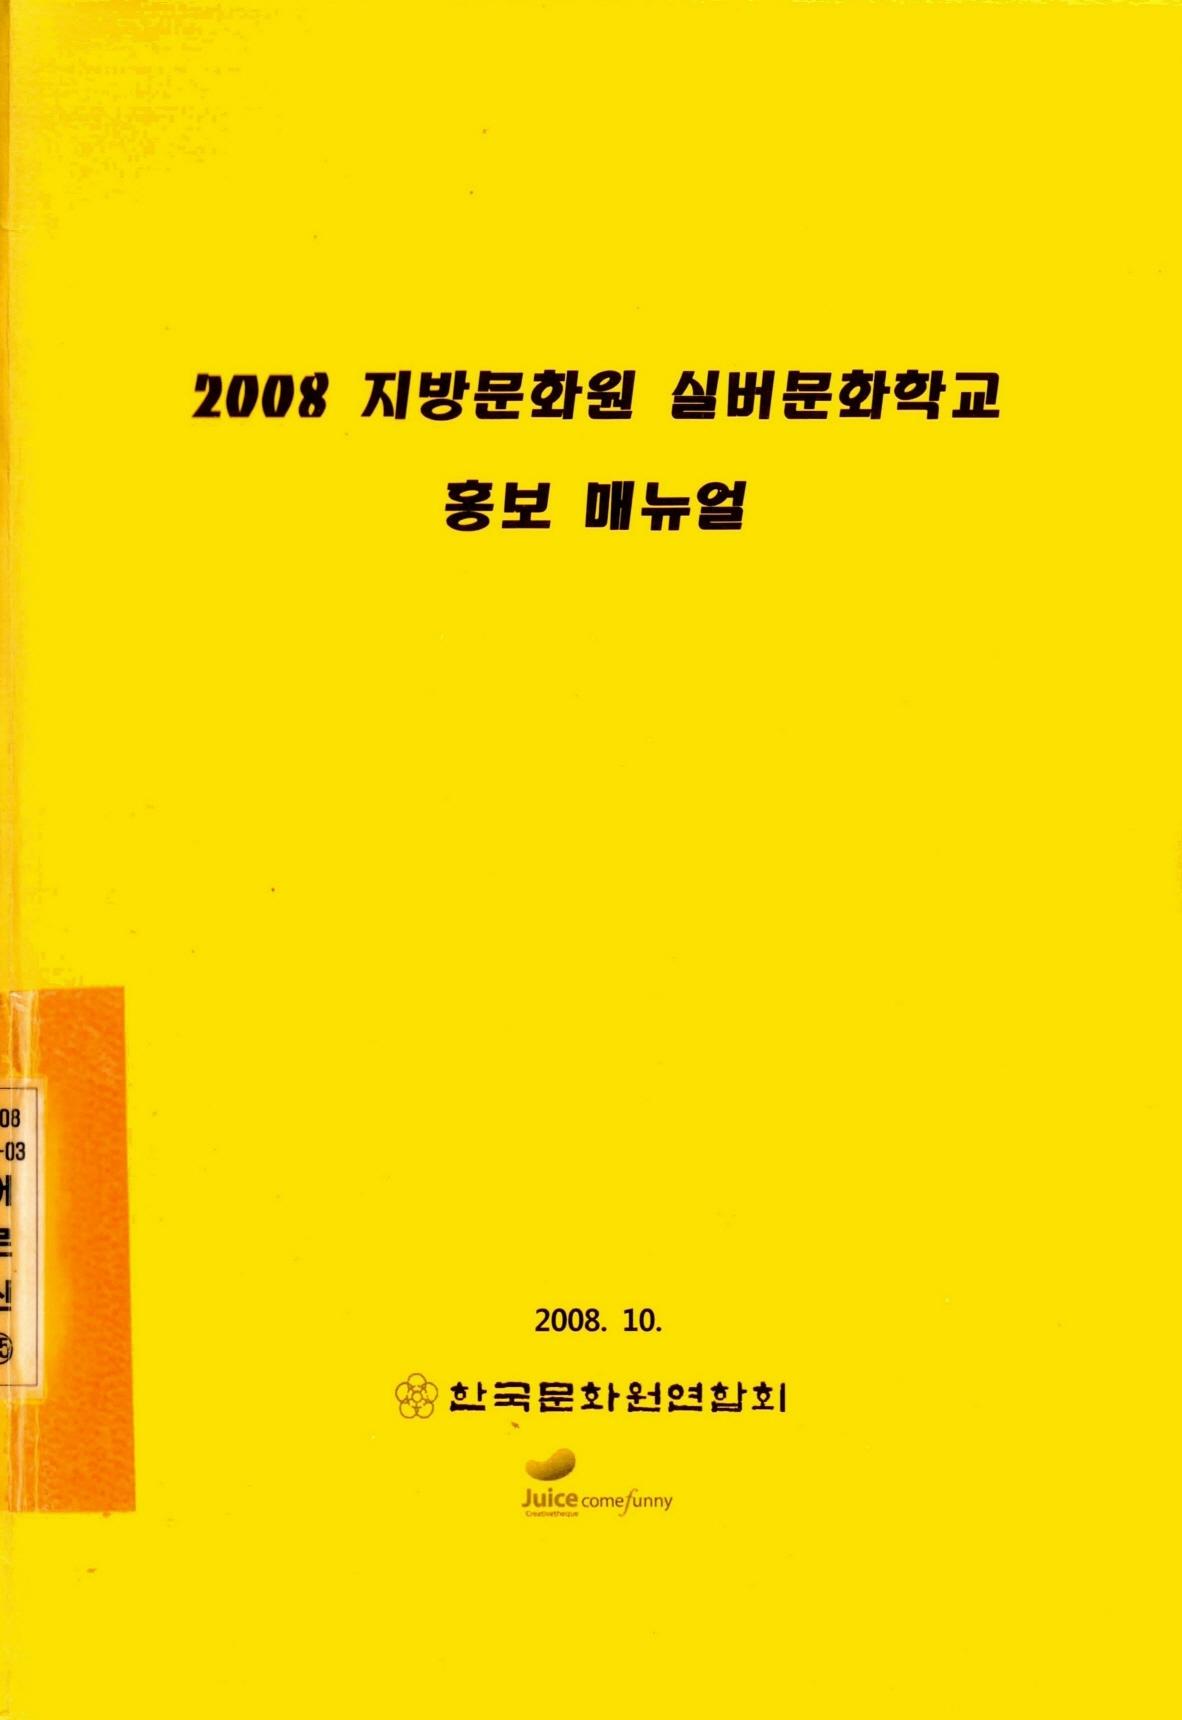 2008 지방문화원 실버문화학교 홍보 매뉴얼